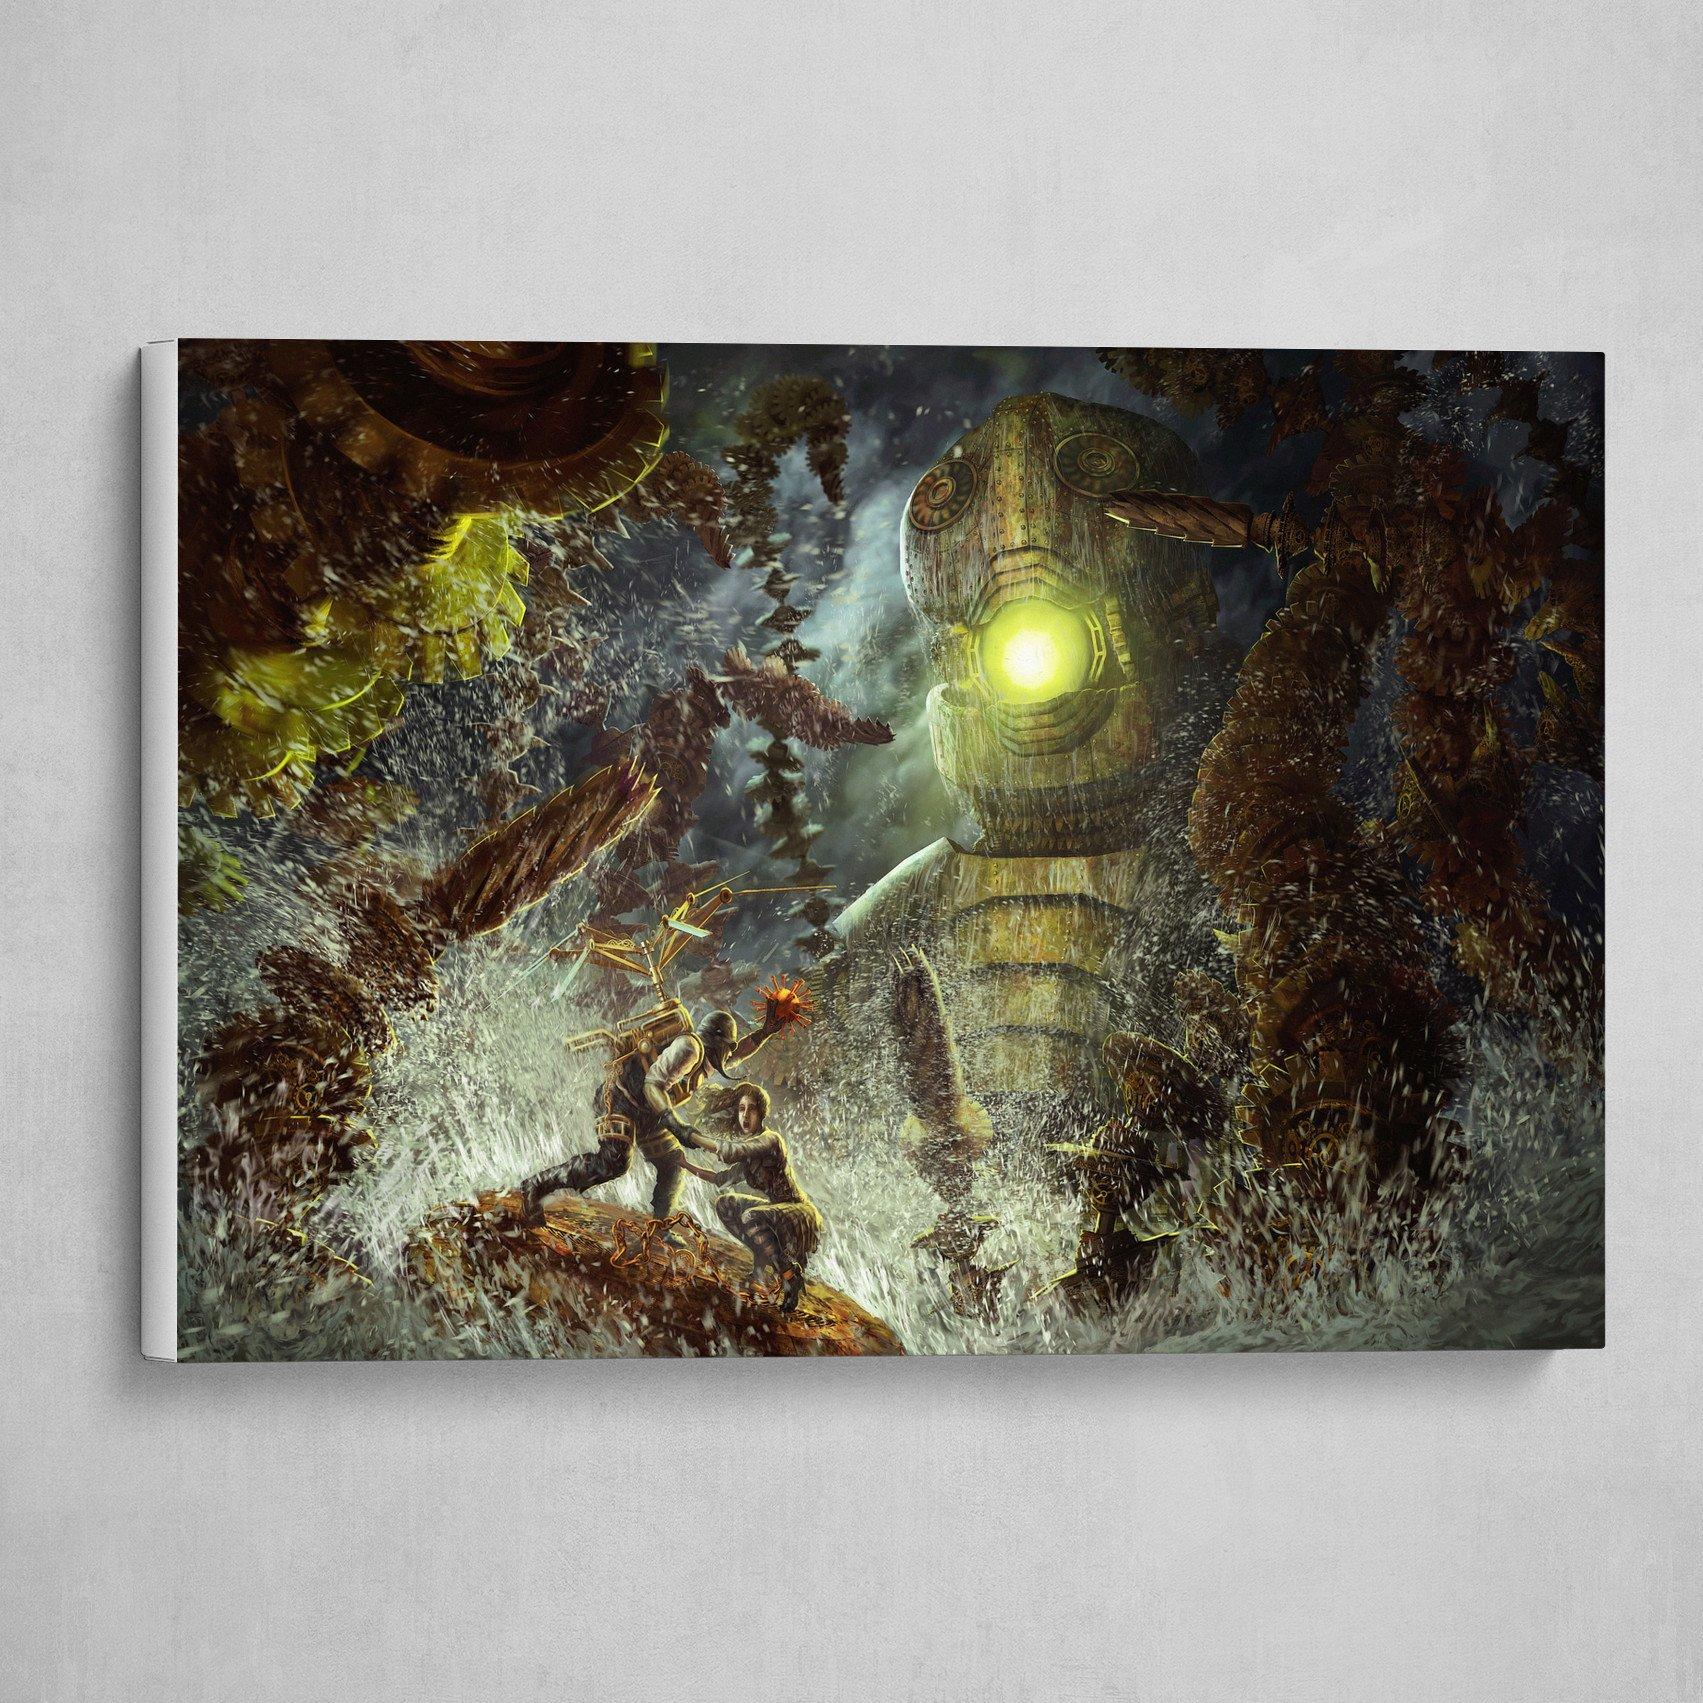 Steampunk Perseus Faces the Kraken